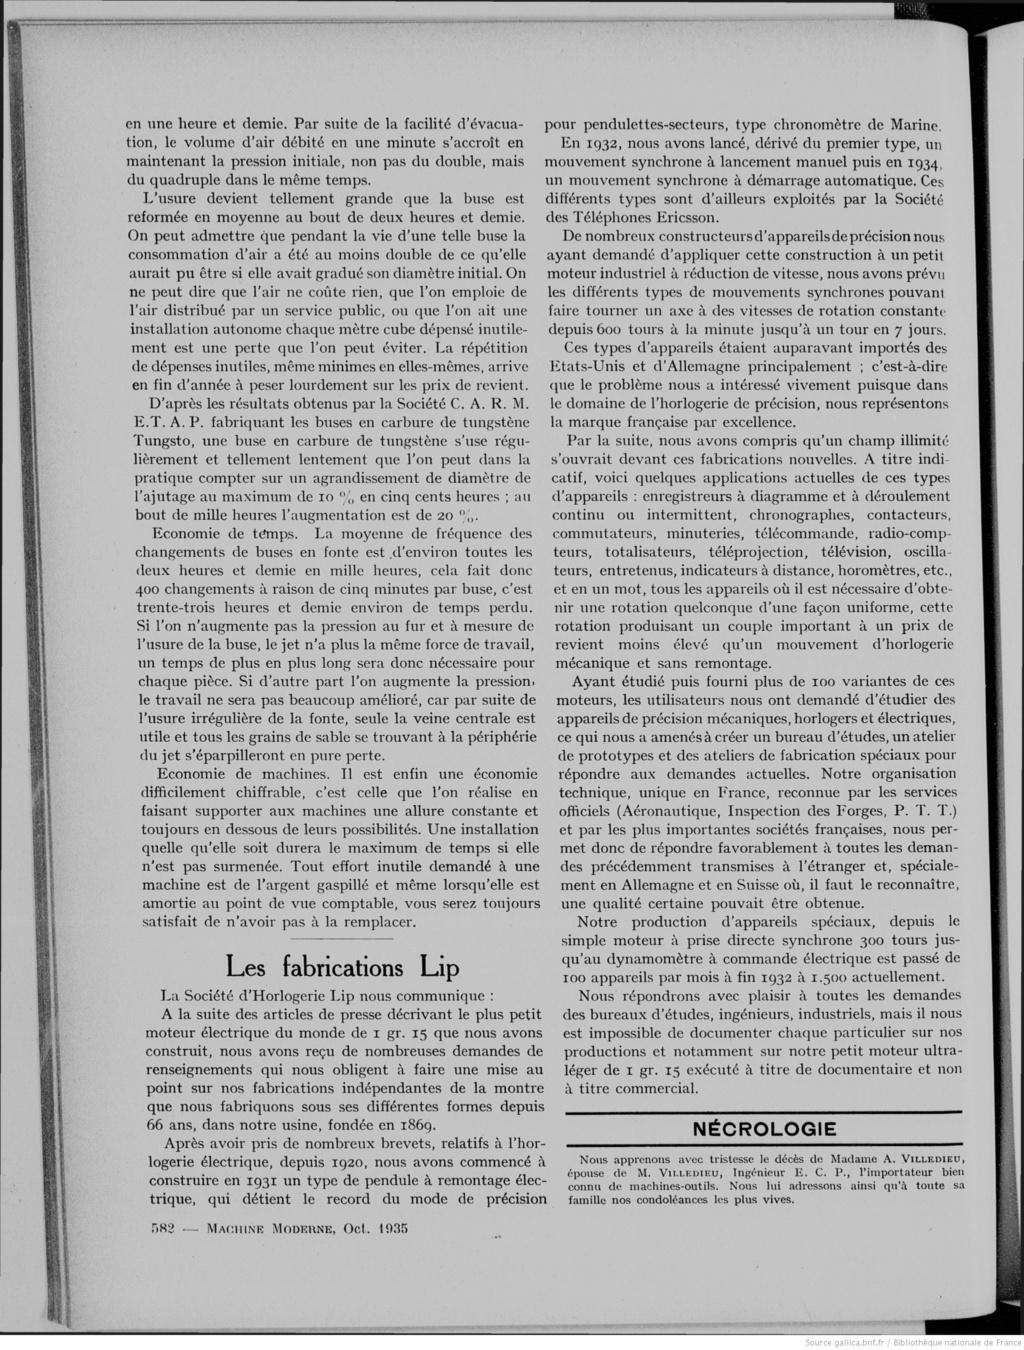 La fabrication des montres aux établissements LIP 1937 Img_1422